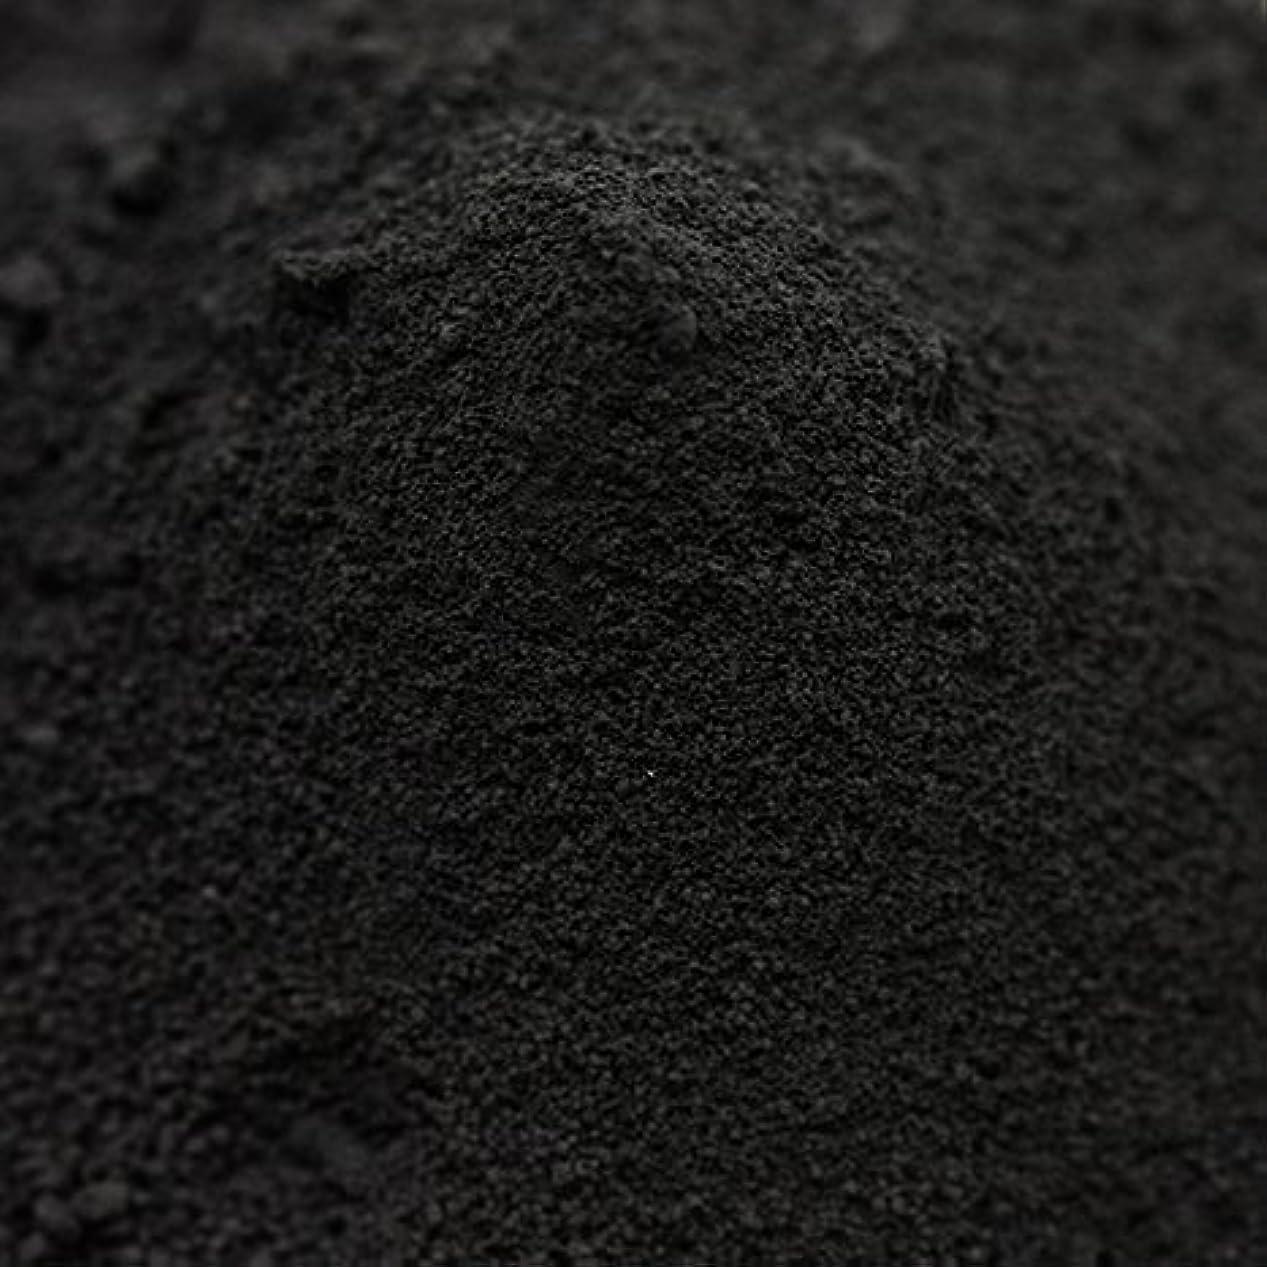 シングルタイトルオセアニア竹炭パウダー(超微粉末) 100g 【手作り石鹸/手作りコスメに】